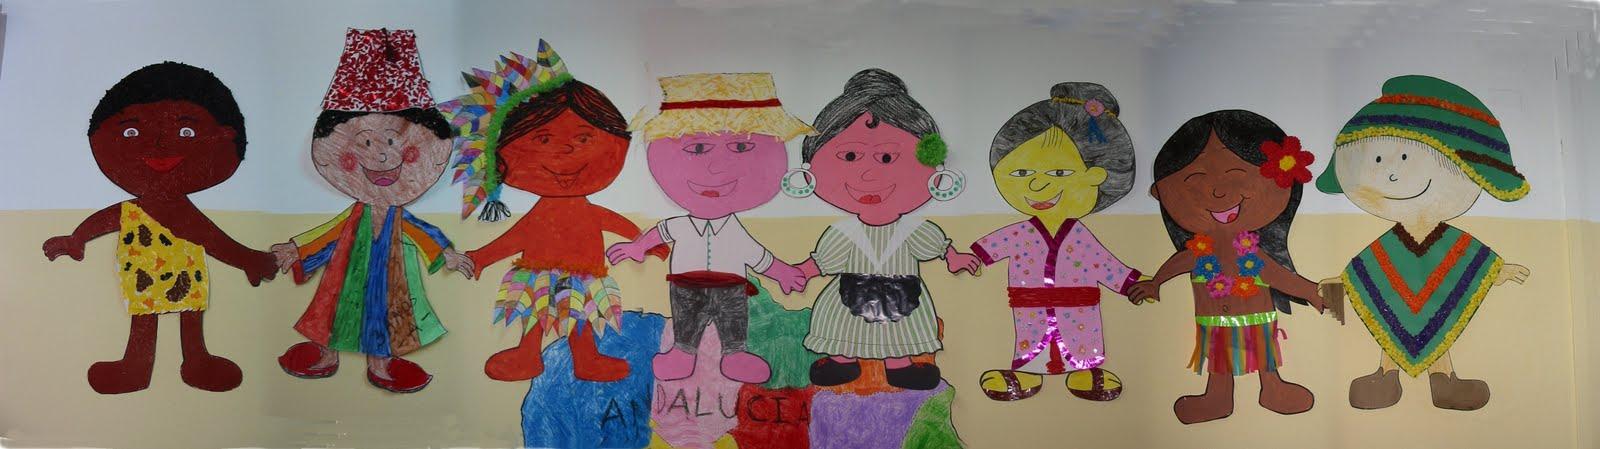 Grandeza mexicana bernardo de balbuena